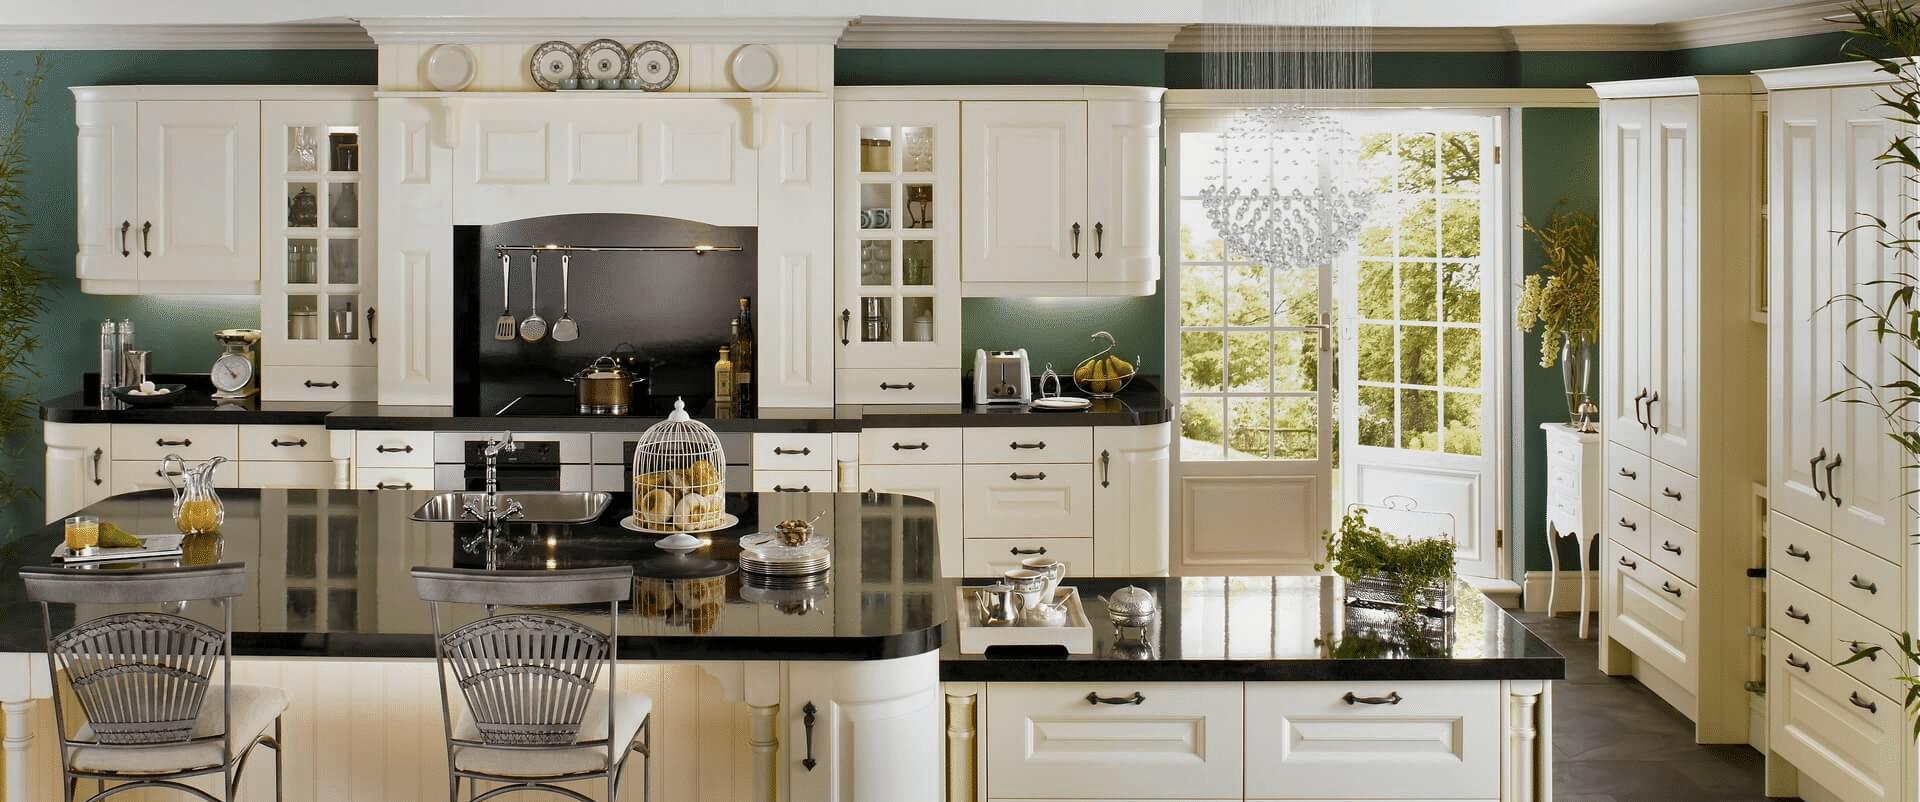 Kitchen-black